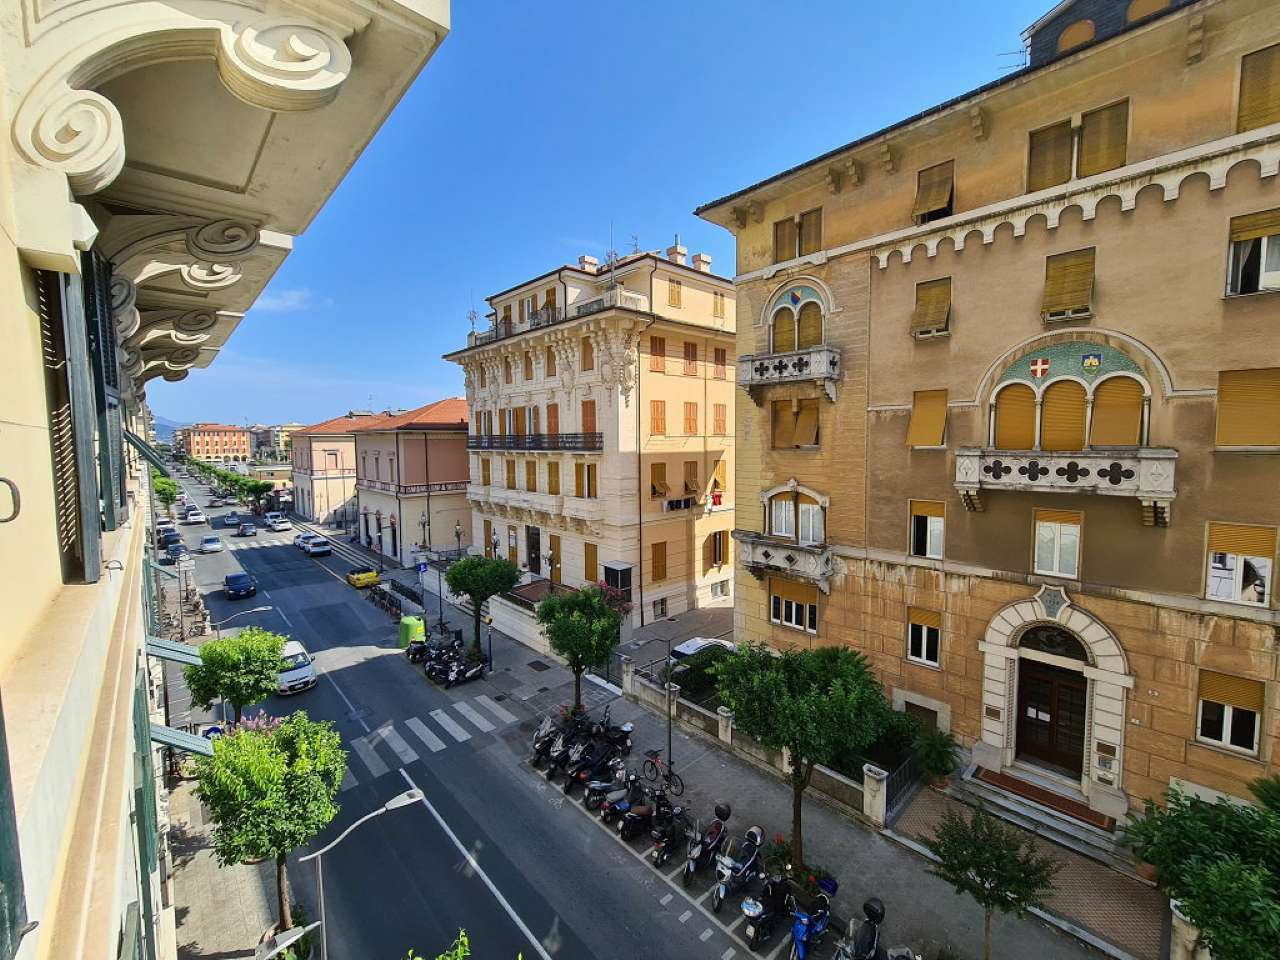 Appartamento in vendita a Chiavari, 8 locali, prezzo € 350.000 | PortaleAgenzieImmobiliari.it